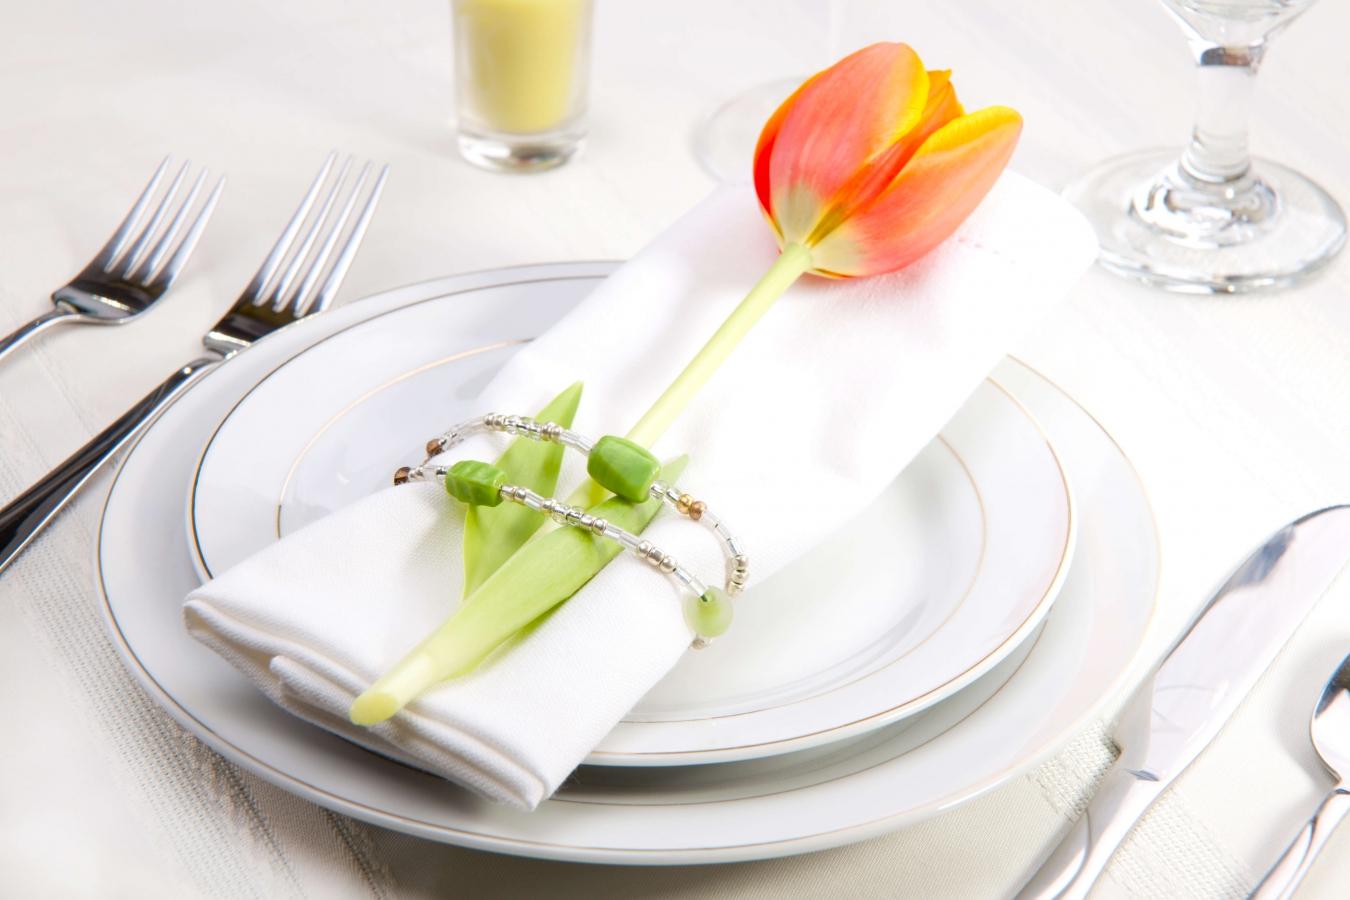 Украшение стола белыми салфетками